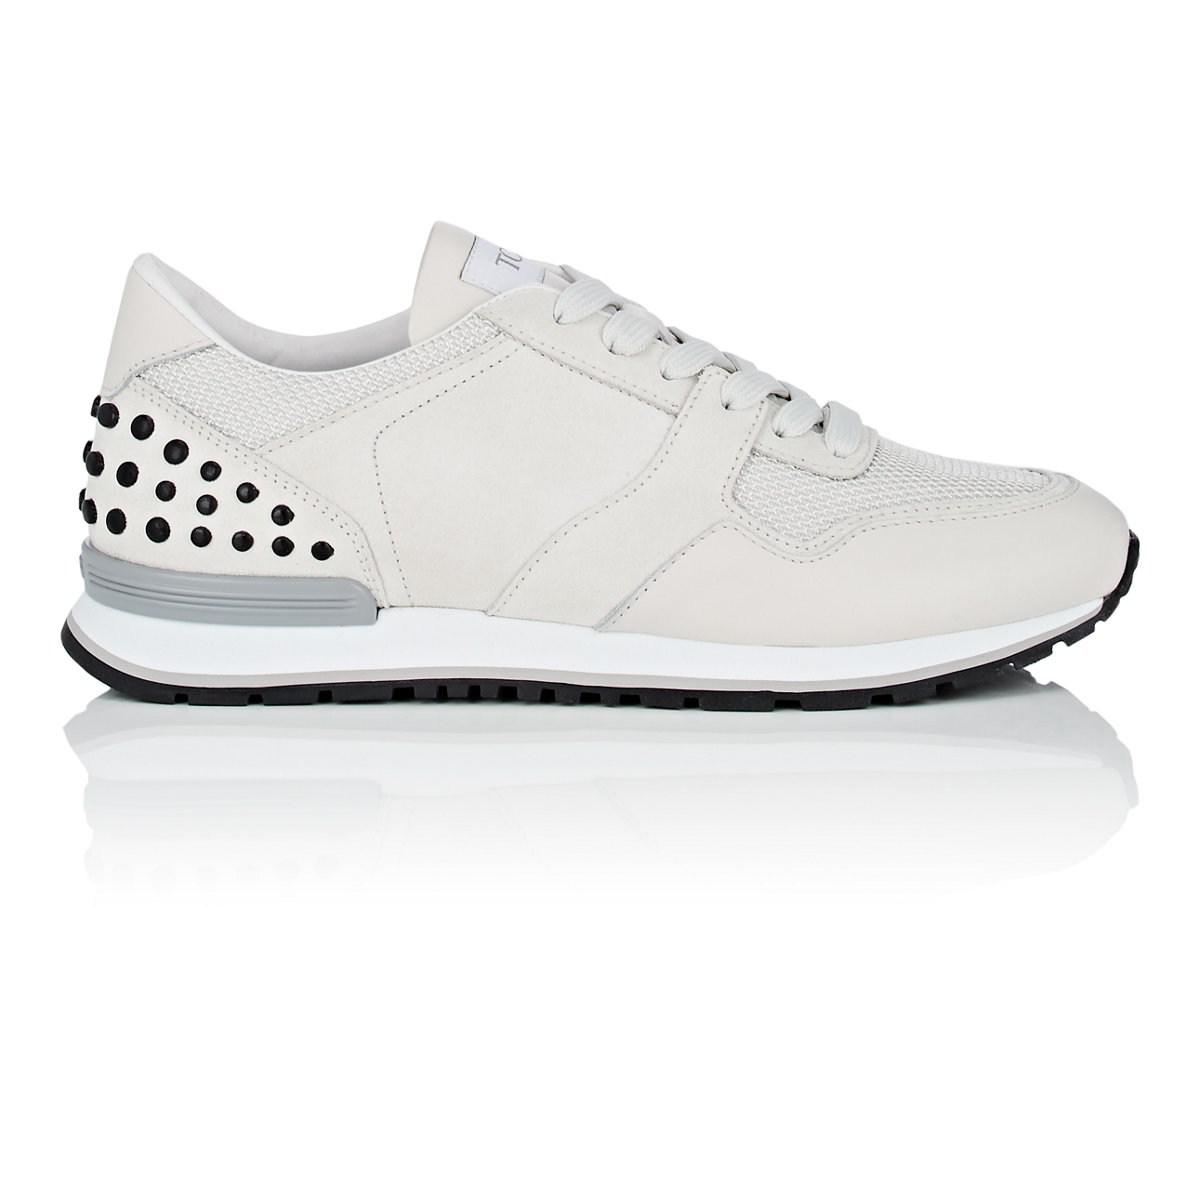 promo code 730ef aaa2e http://maneuver.chaussures-securite-mardon.com/cryogenics ...